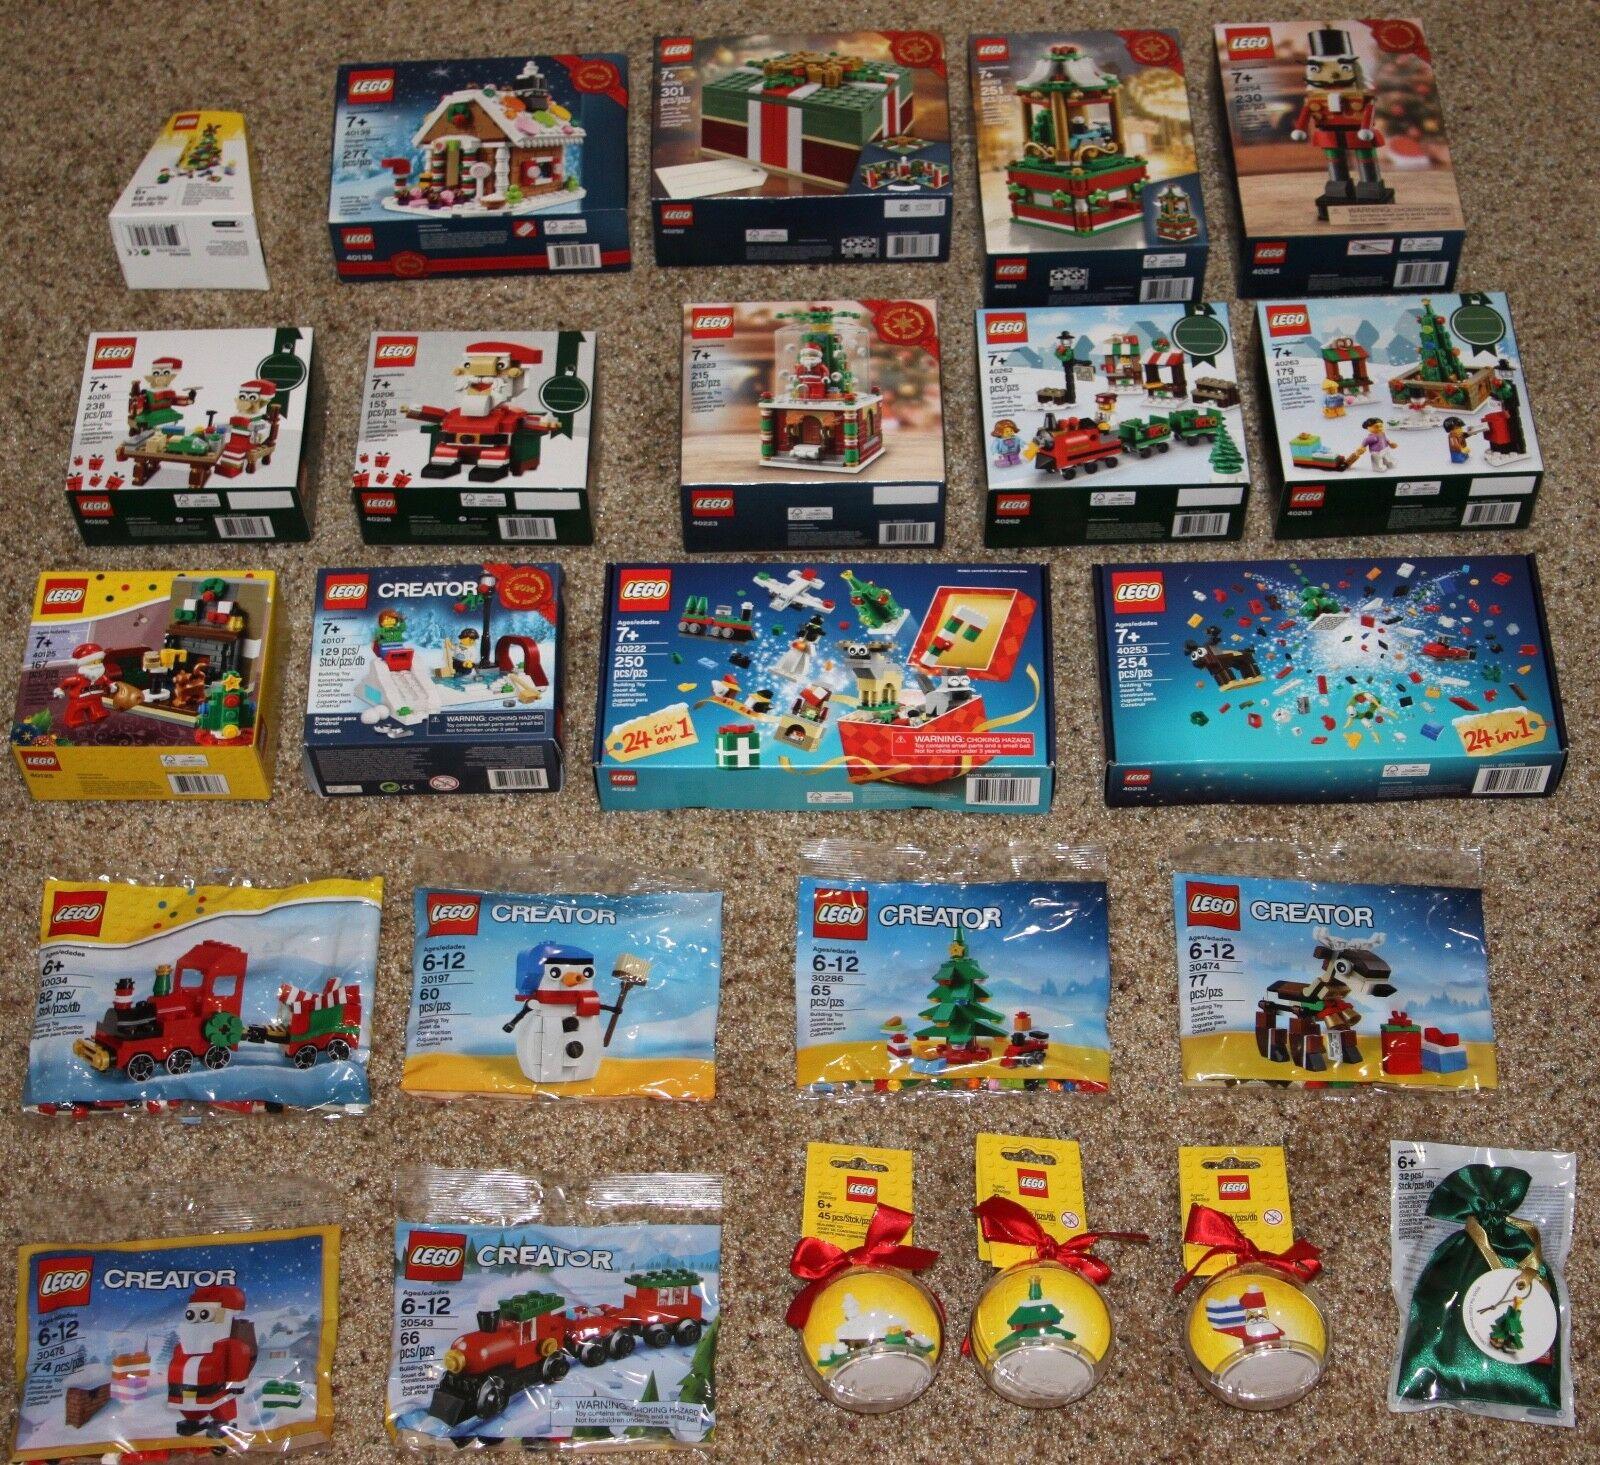 Lego Lote de conjunto de Navidad 40139 40254 40292 40293 40223 40 40222 40253 40034